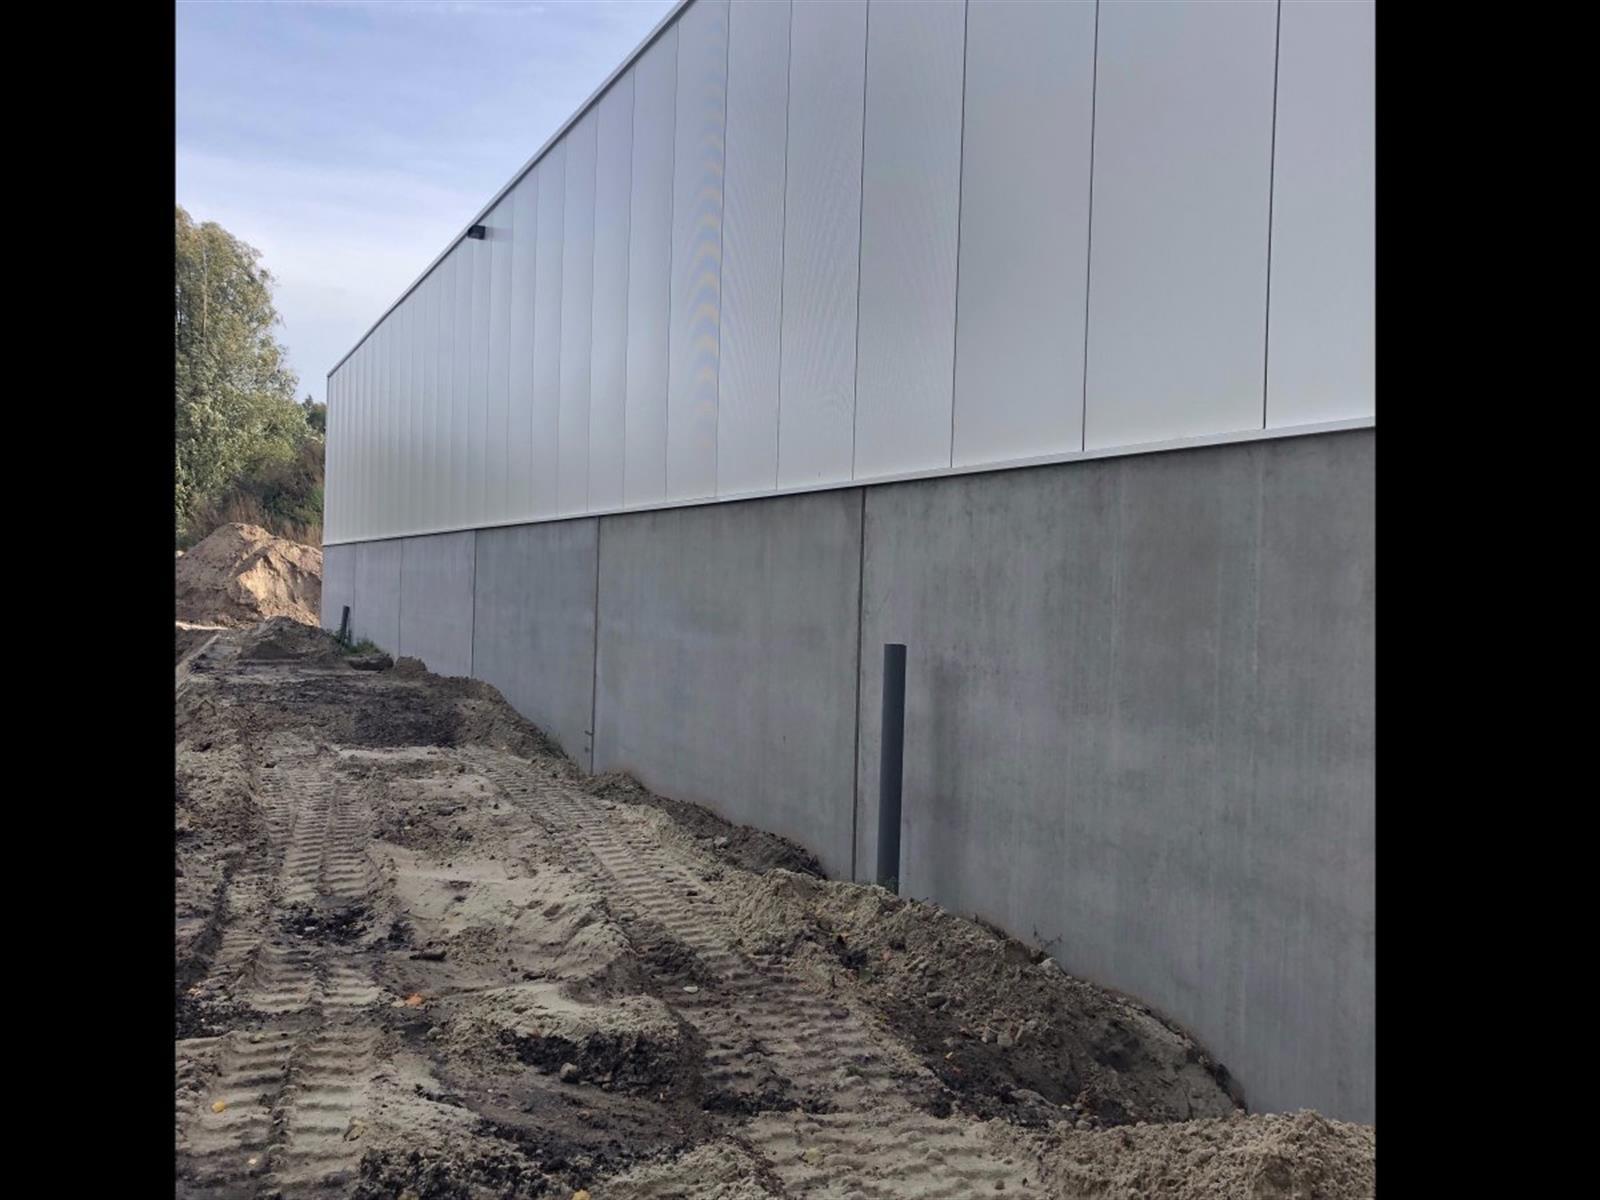 industrieel gebouw te koop I120 - Industriehal - Nieuwpoortlaan 15 A, 3600 Genk, België 2